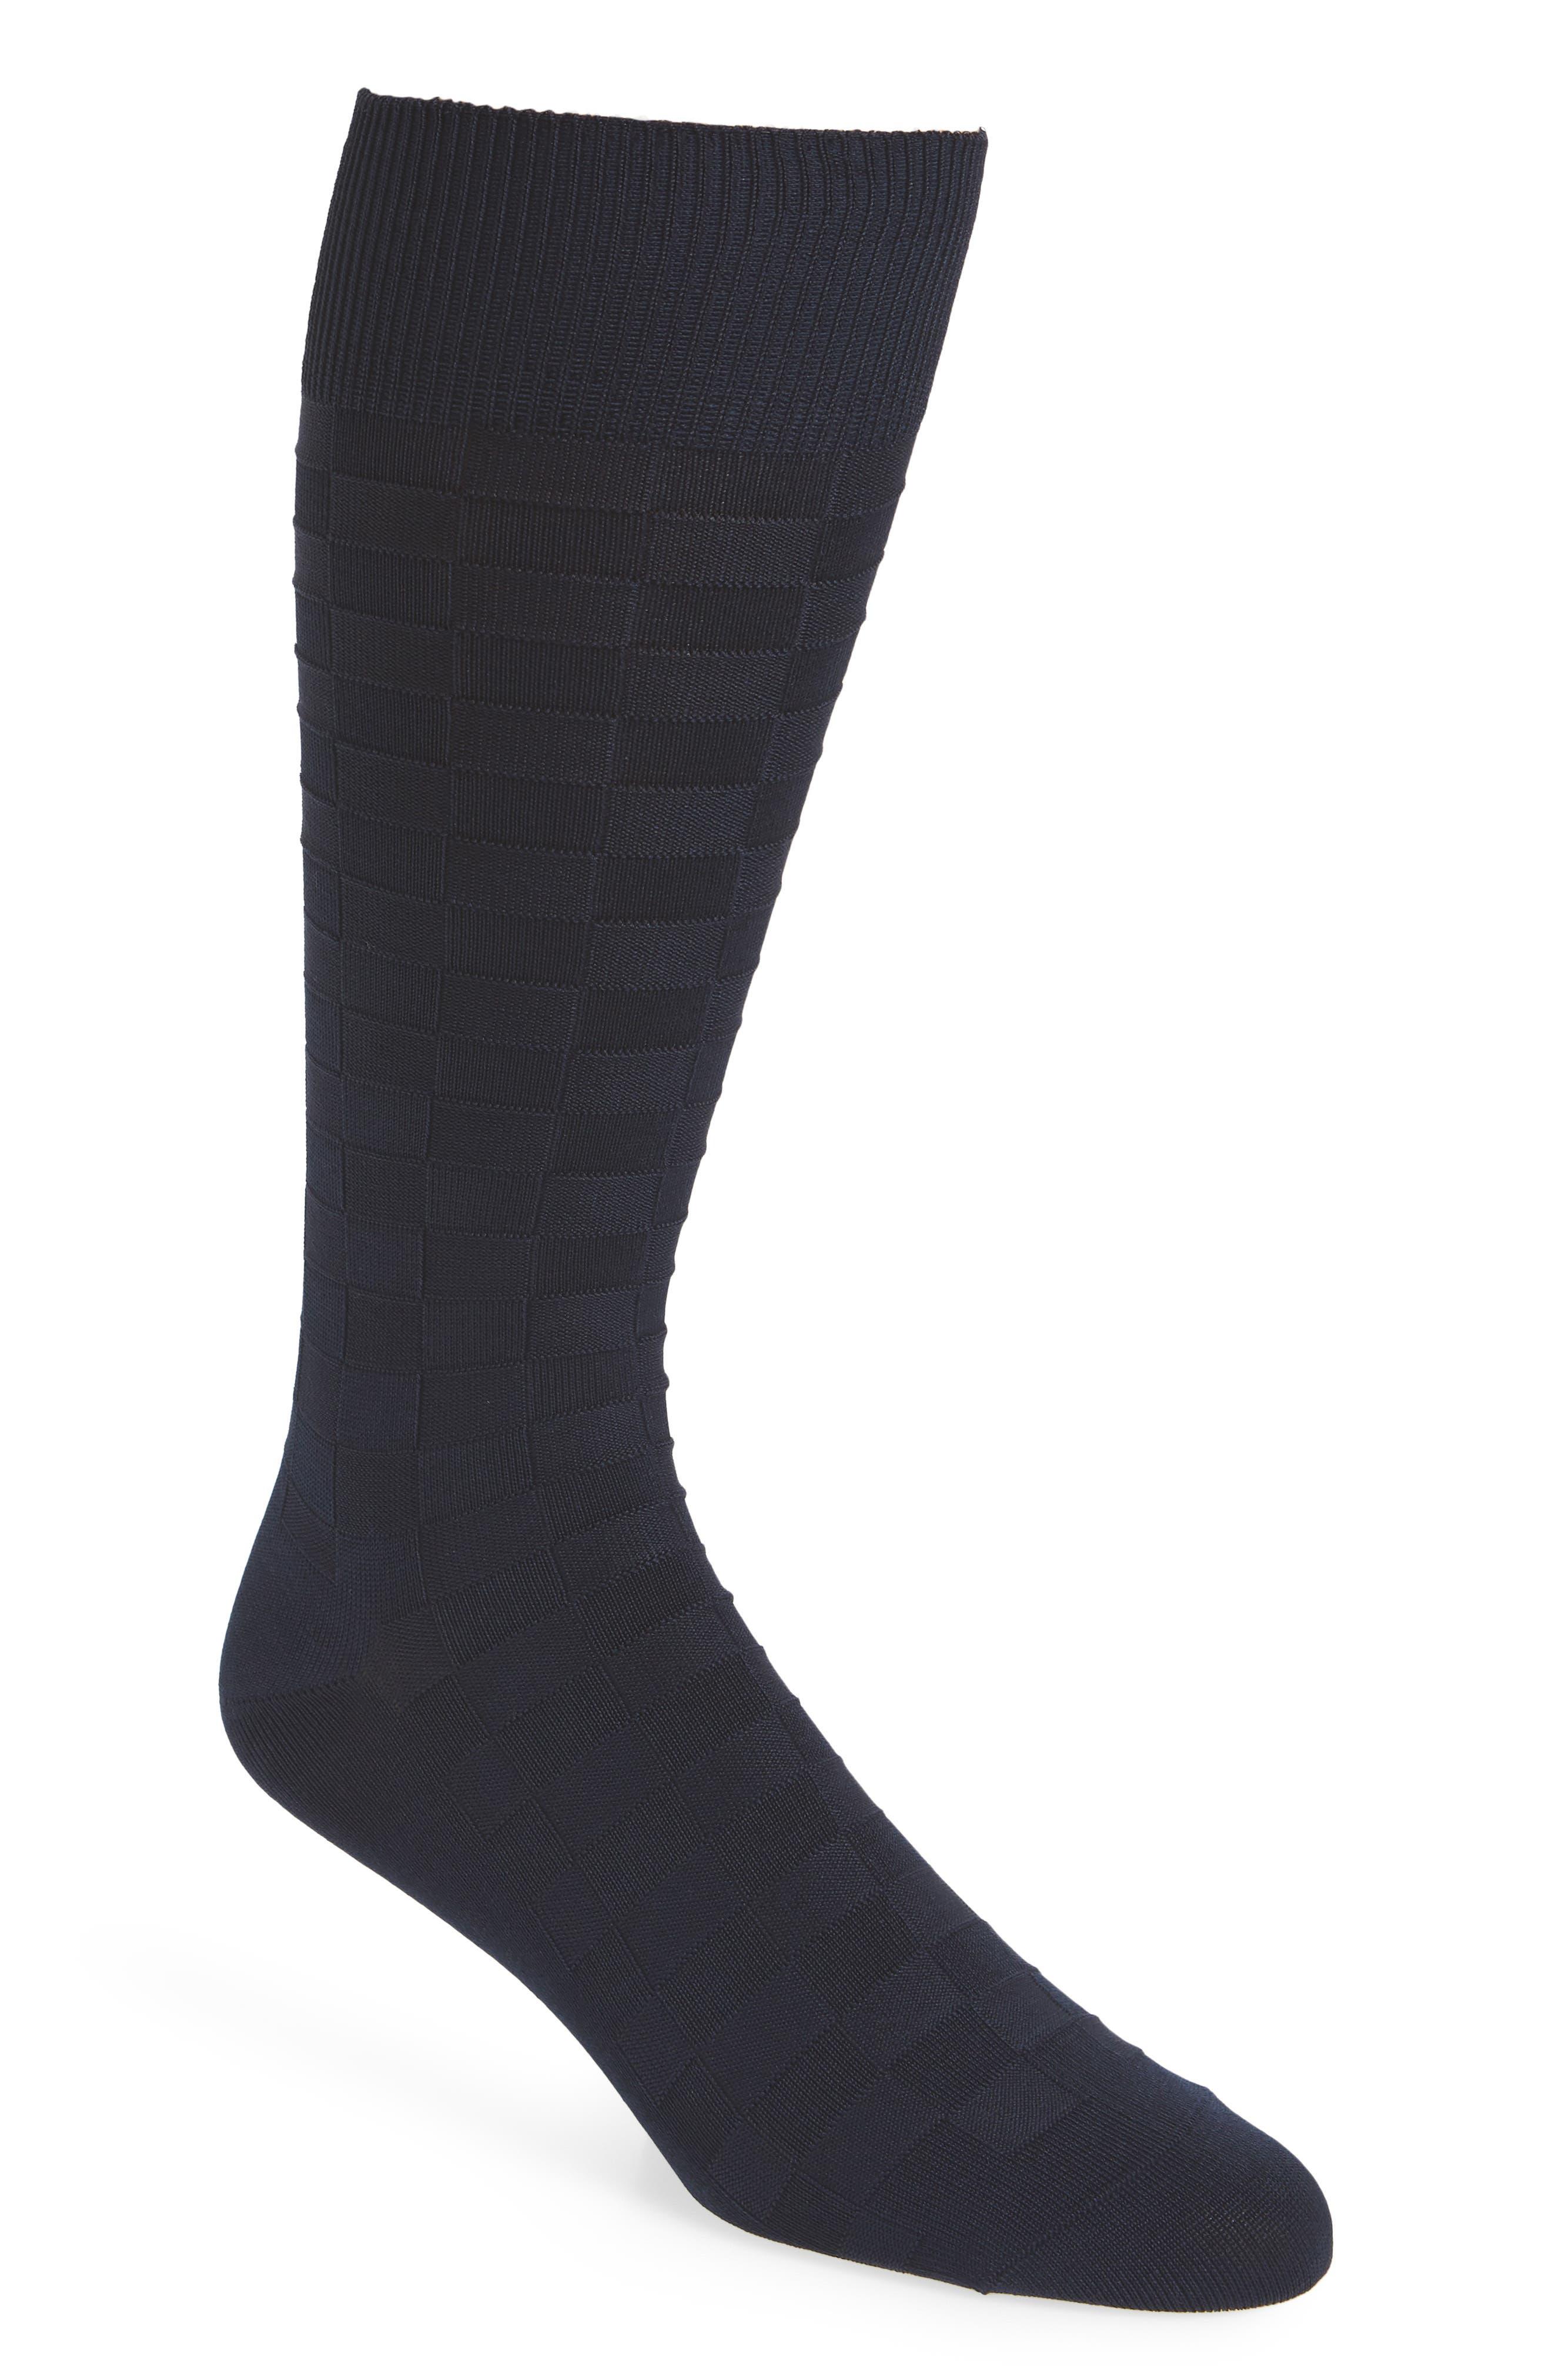 Grid Socks,                             Main thumbnail 1, color,                             NAVY